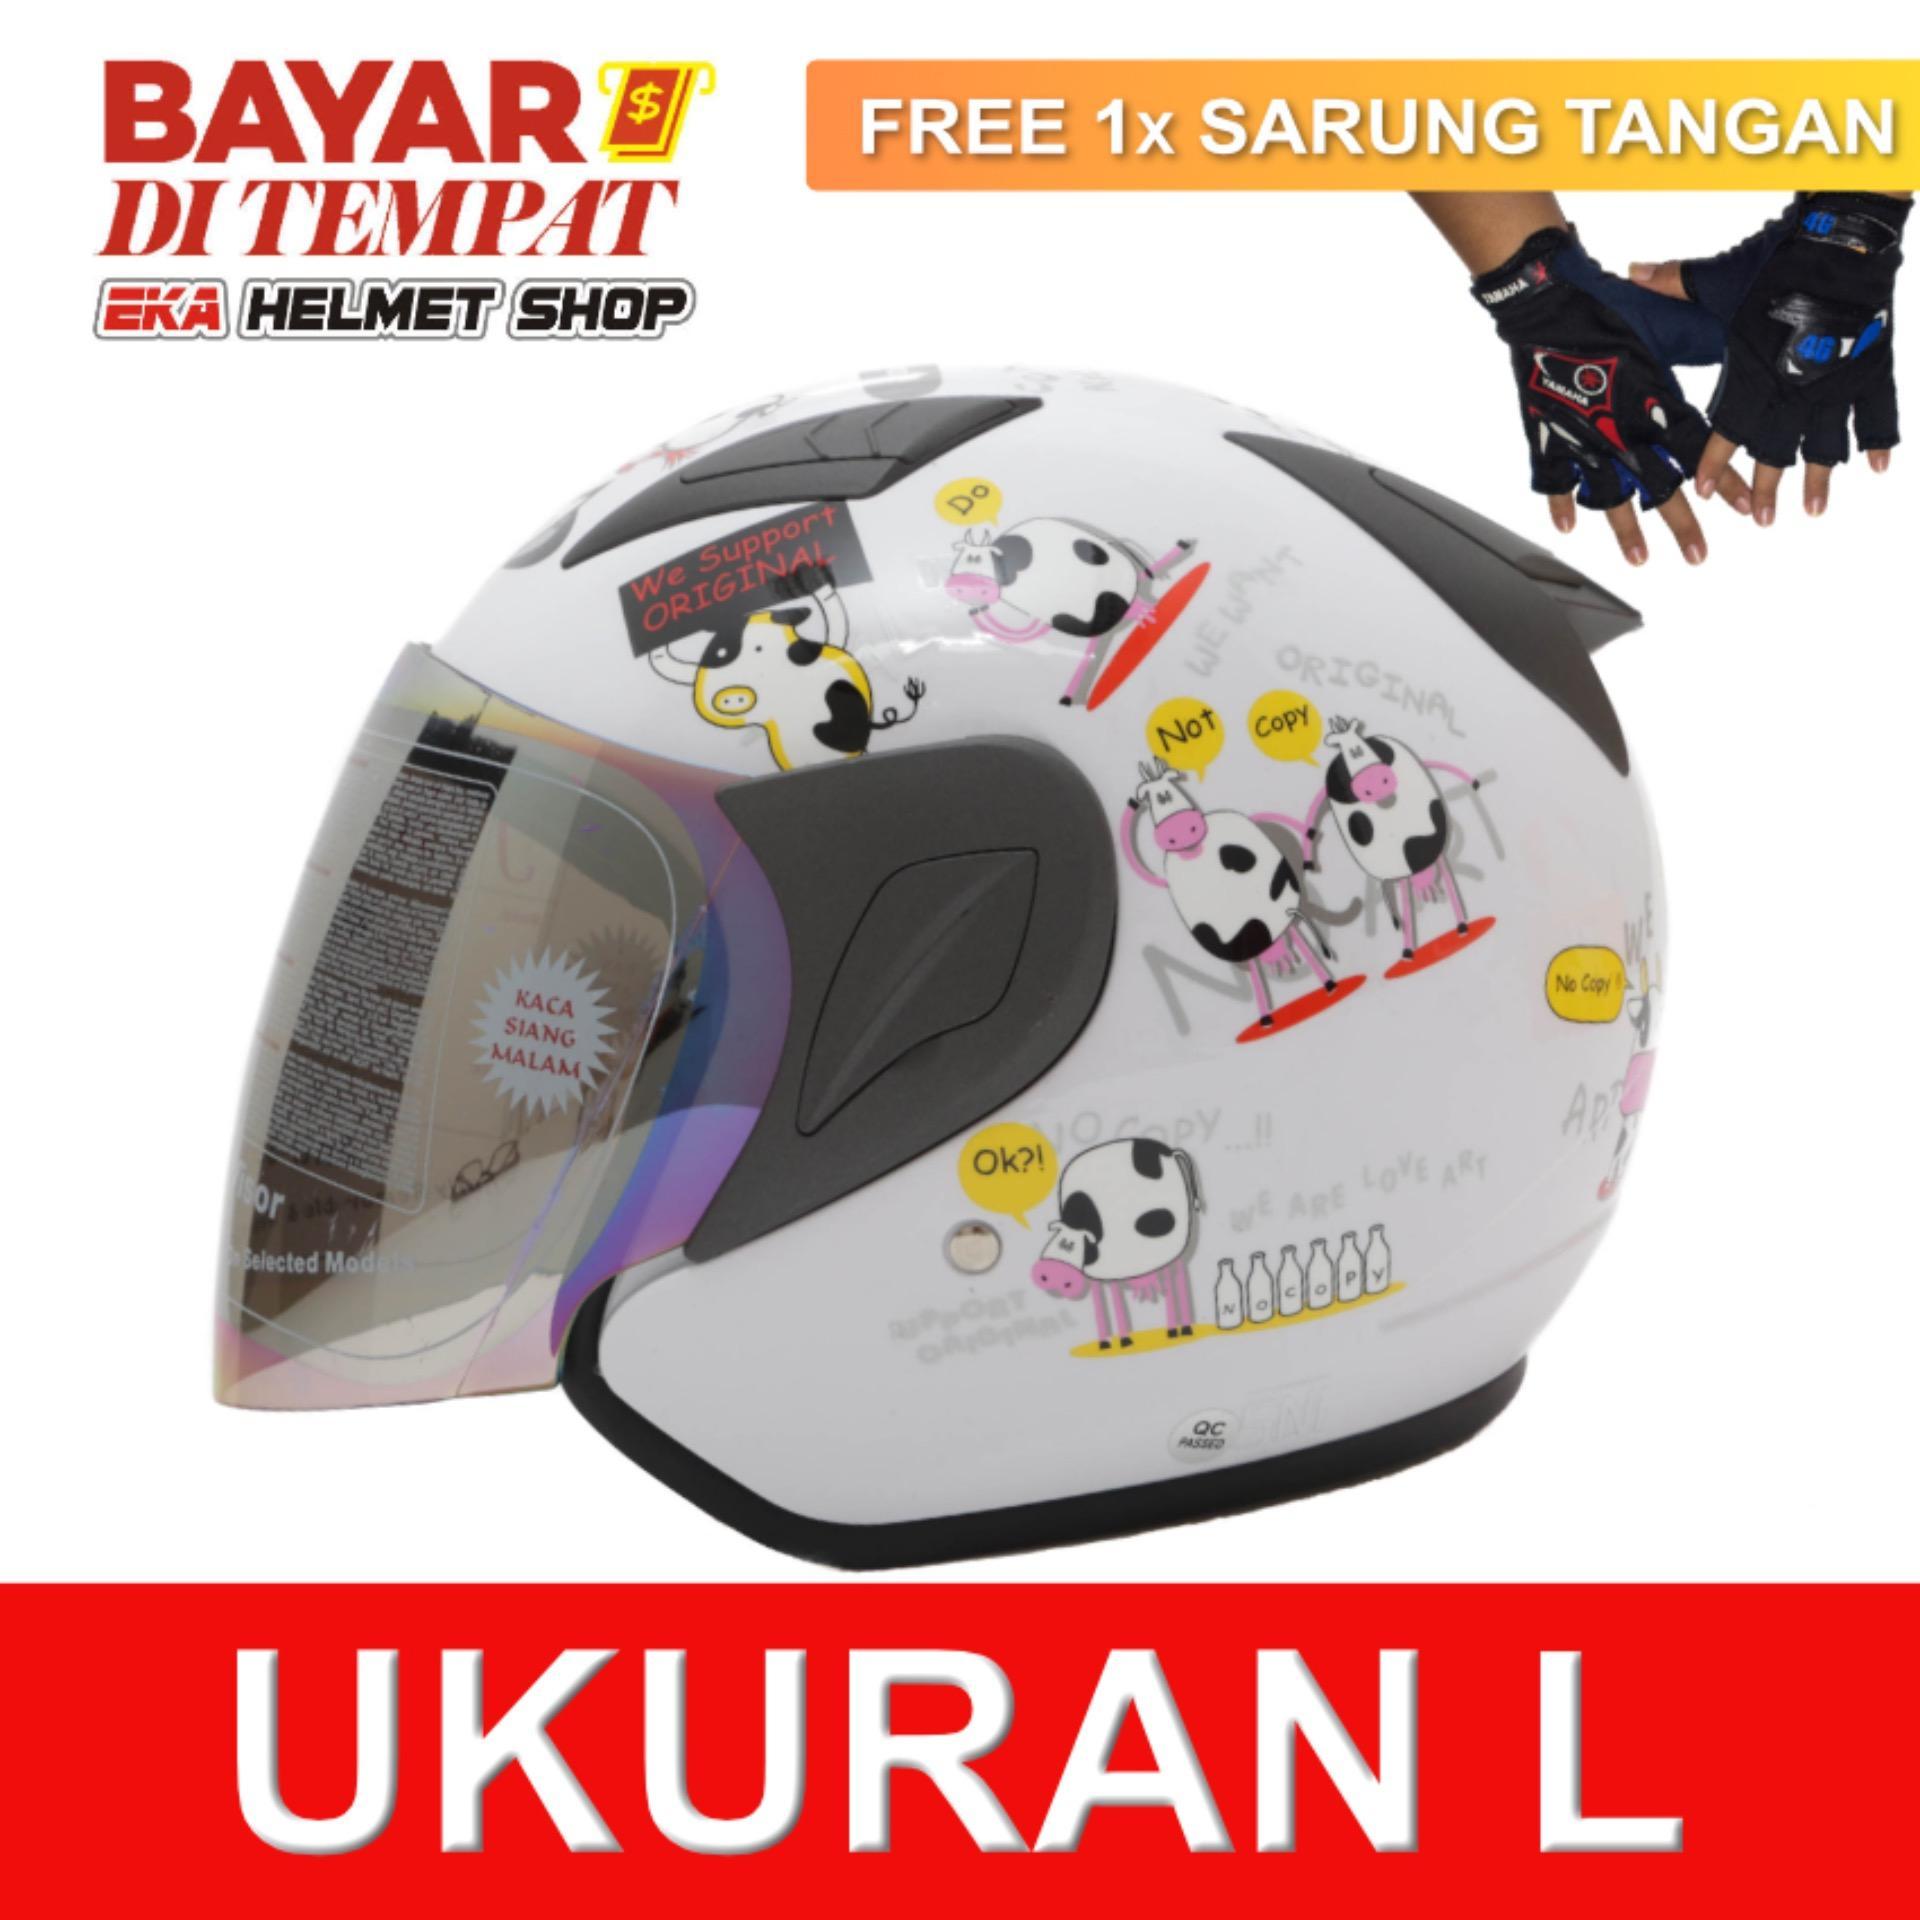 Jual Msr Helmet Javelin Original Putih Promo Gratis Sarung Tangan Satu Set